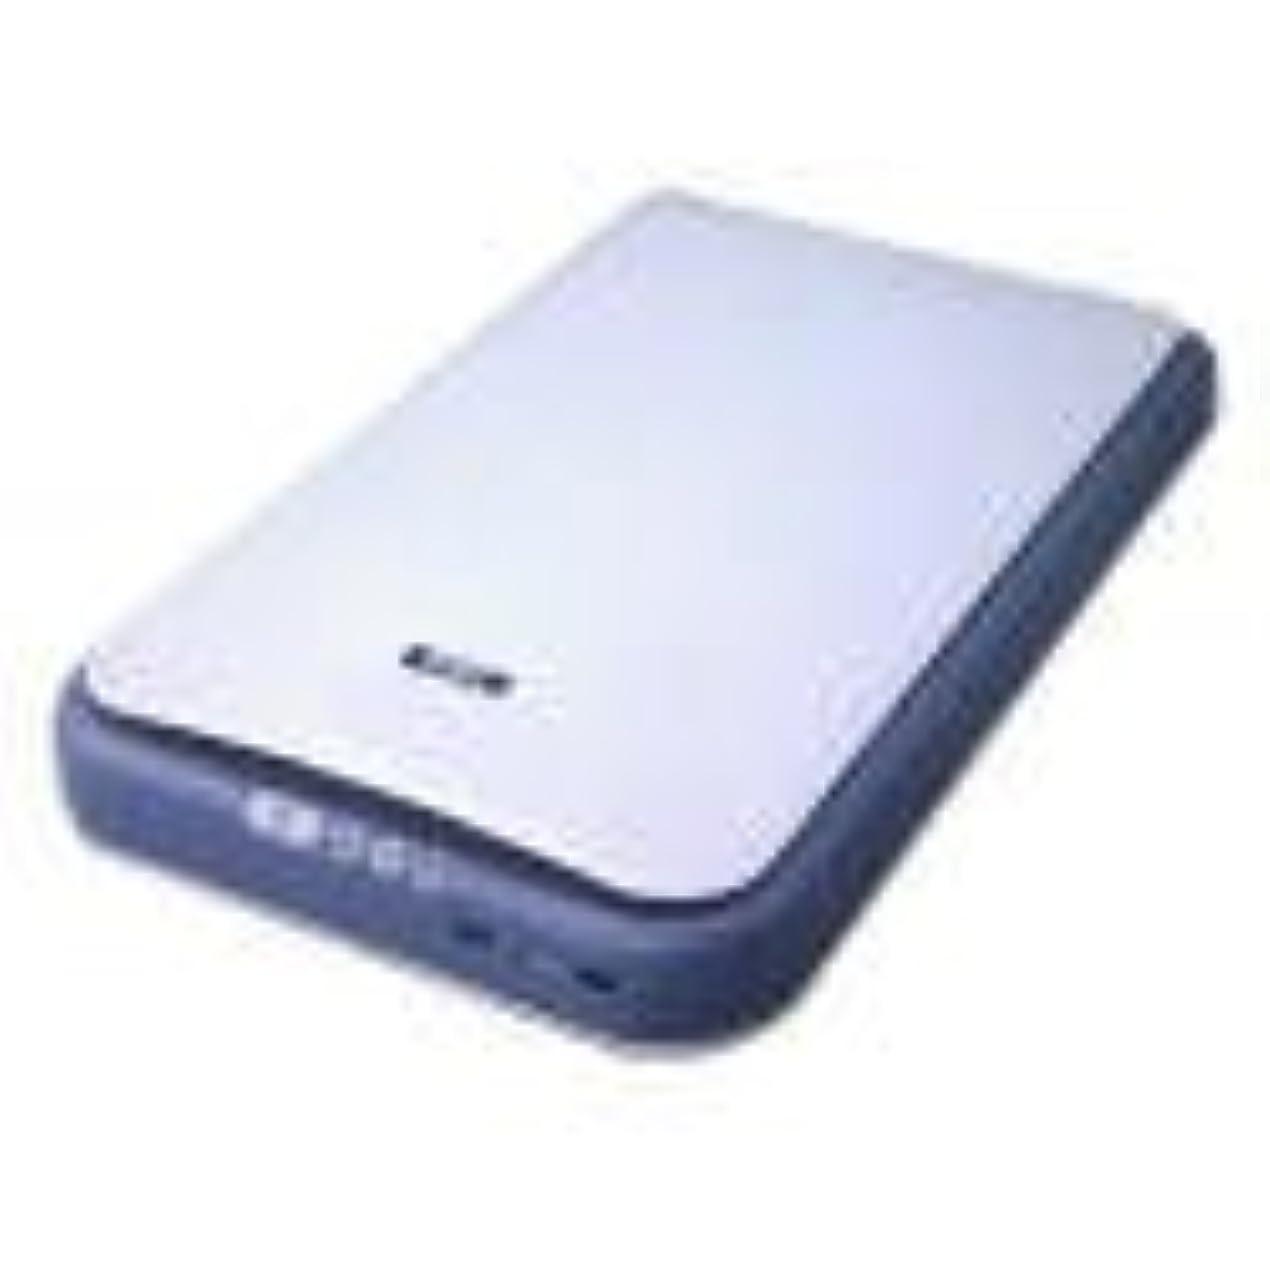 スリット目的触覚EPSON GT-7300U(USB接続カラースキャナ)